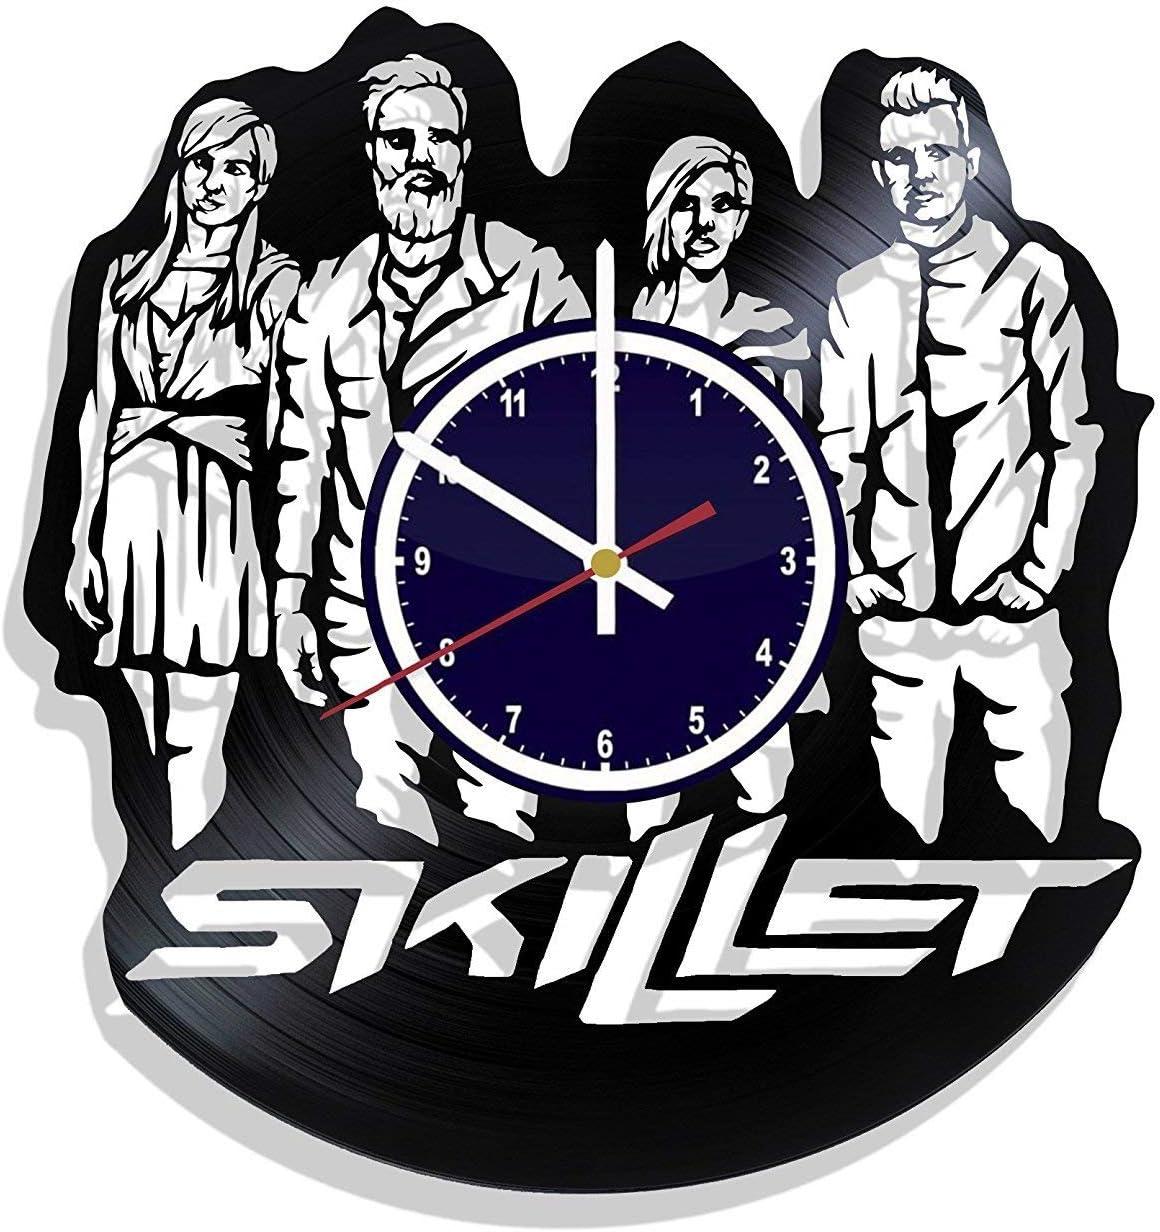 BombStudio Skillet Vinyl Record Wall Clock, Skillet Handmade for Kitchen, Office, Bedroom. Skillet Ideal Wall Poster